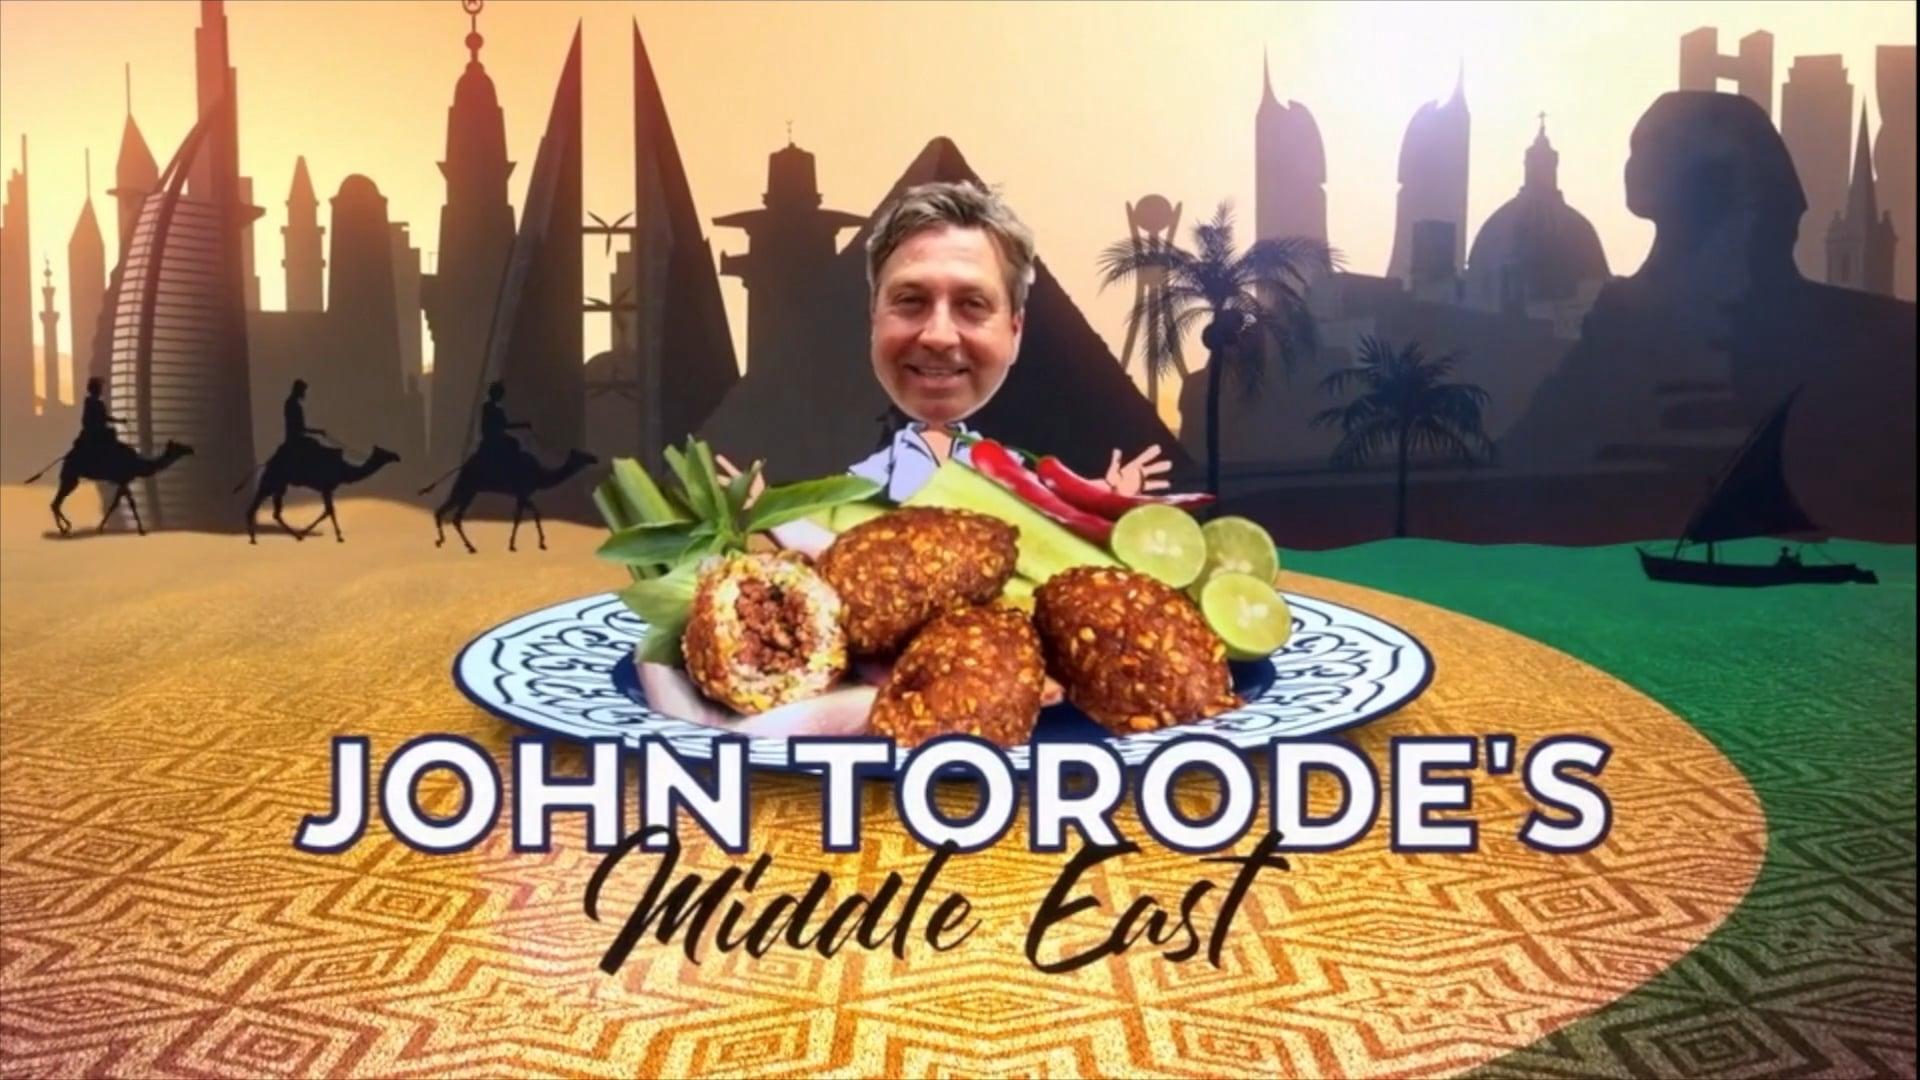 John Torode's Middle East - ep 1 Cairo